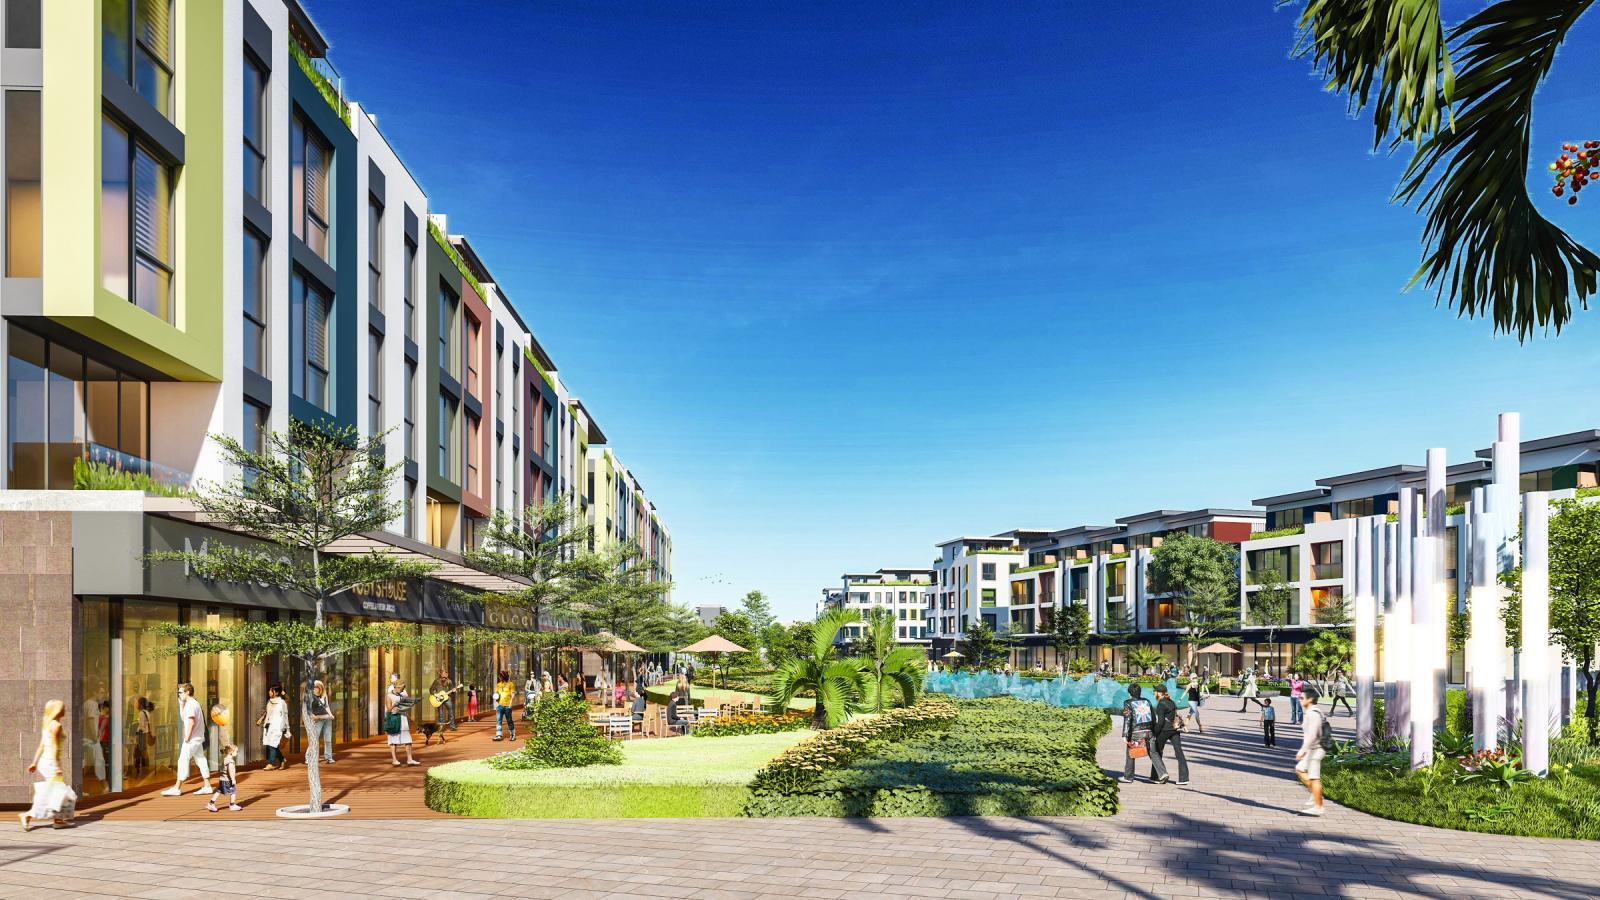 Khuôn viên của dự án với các dãy nhà, cây xanh